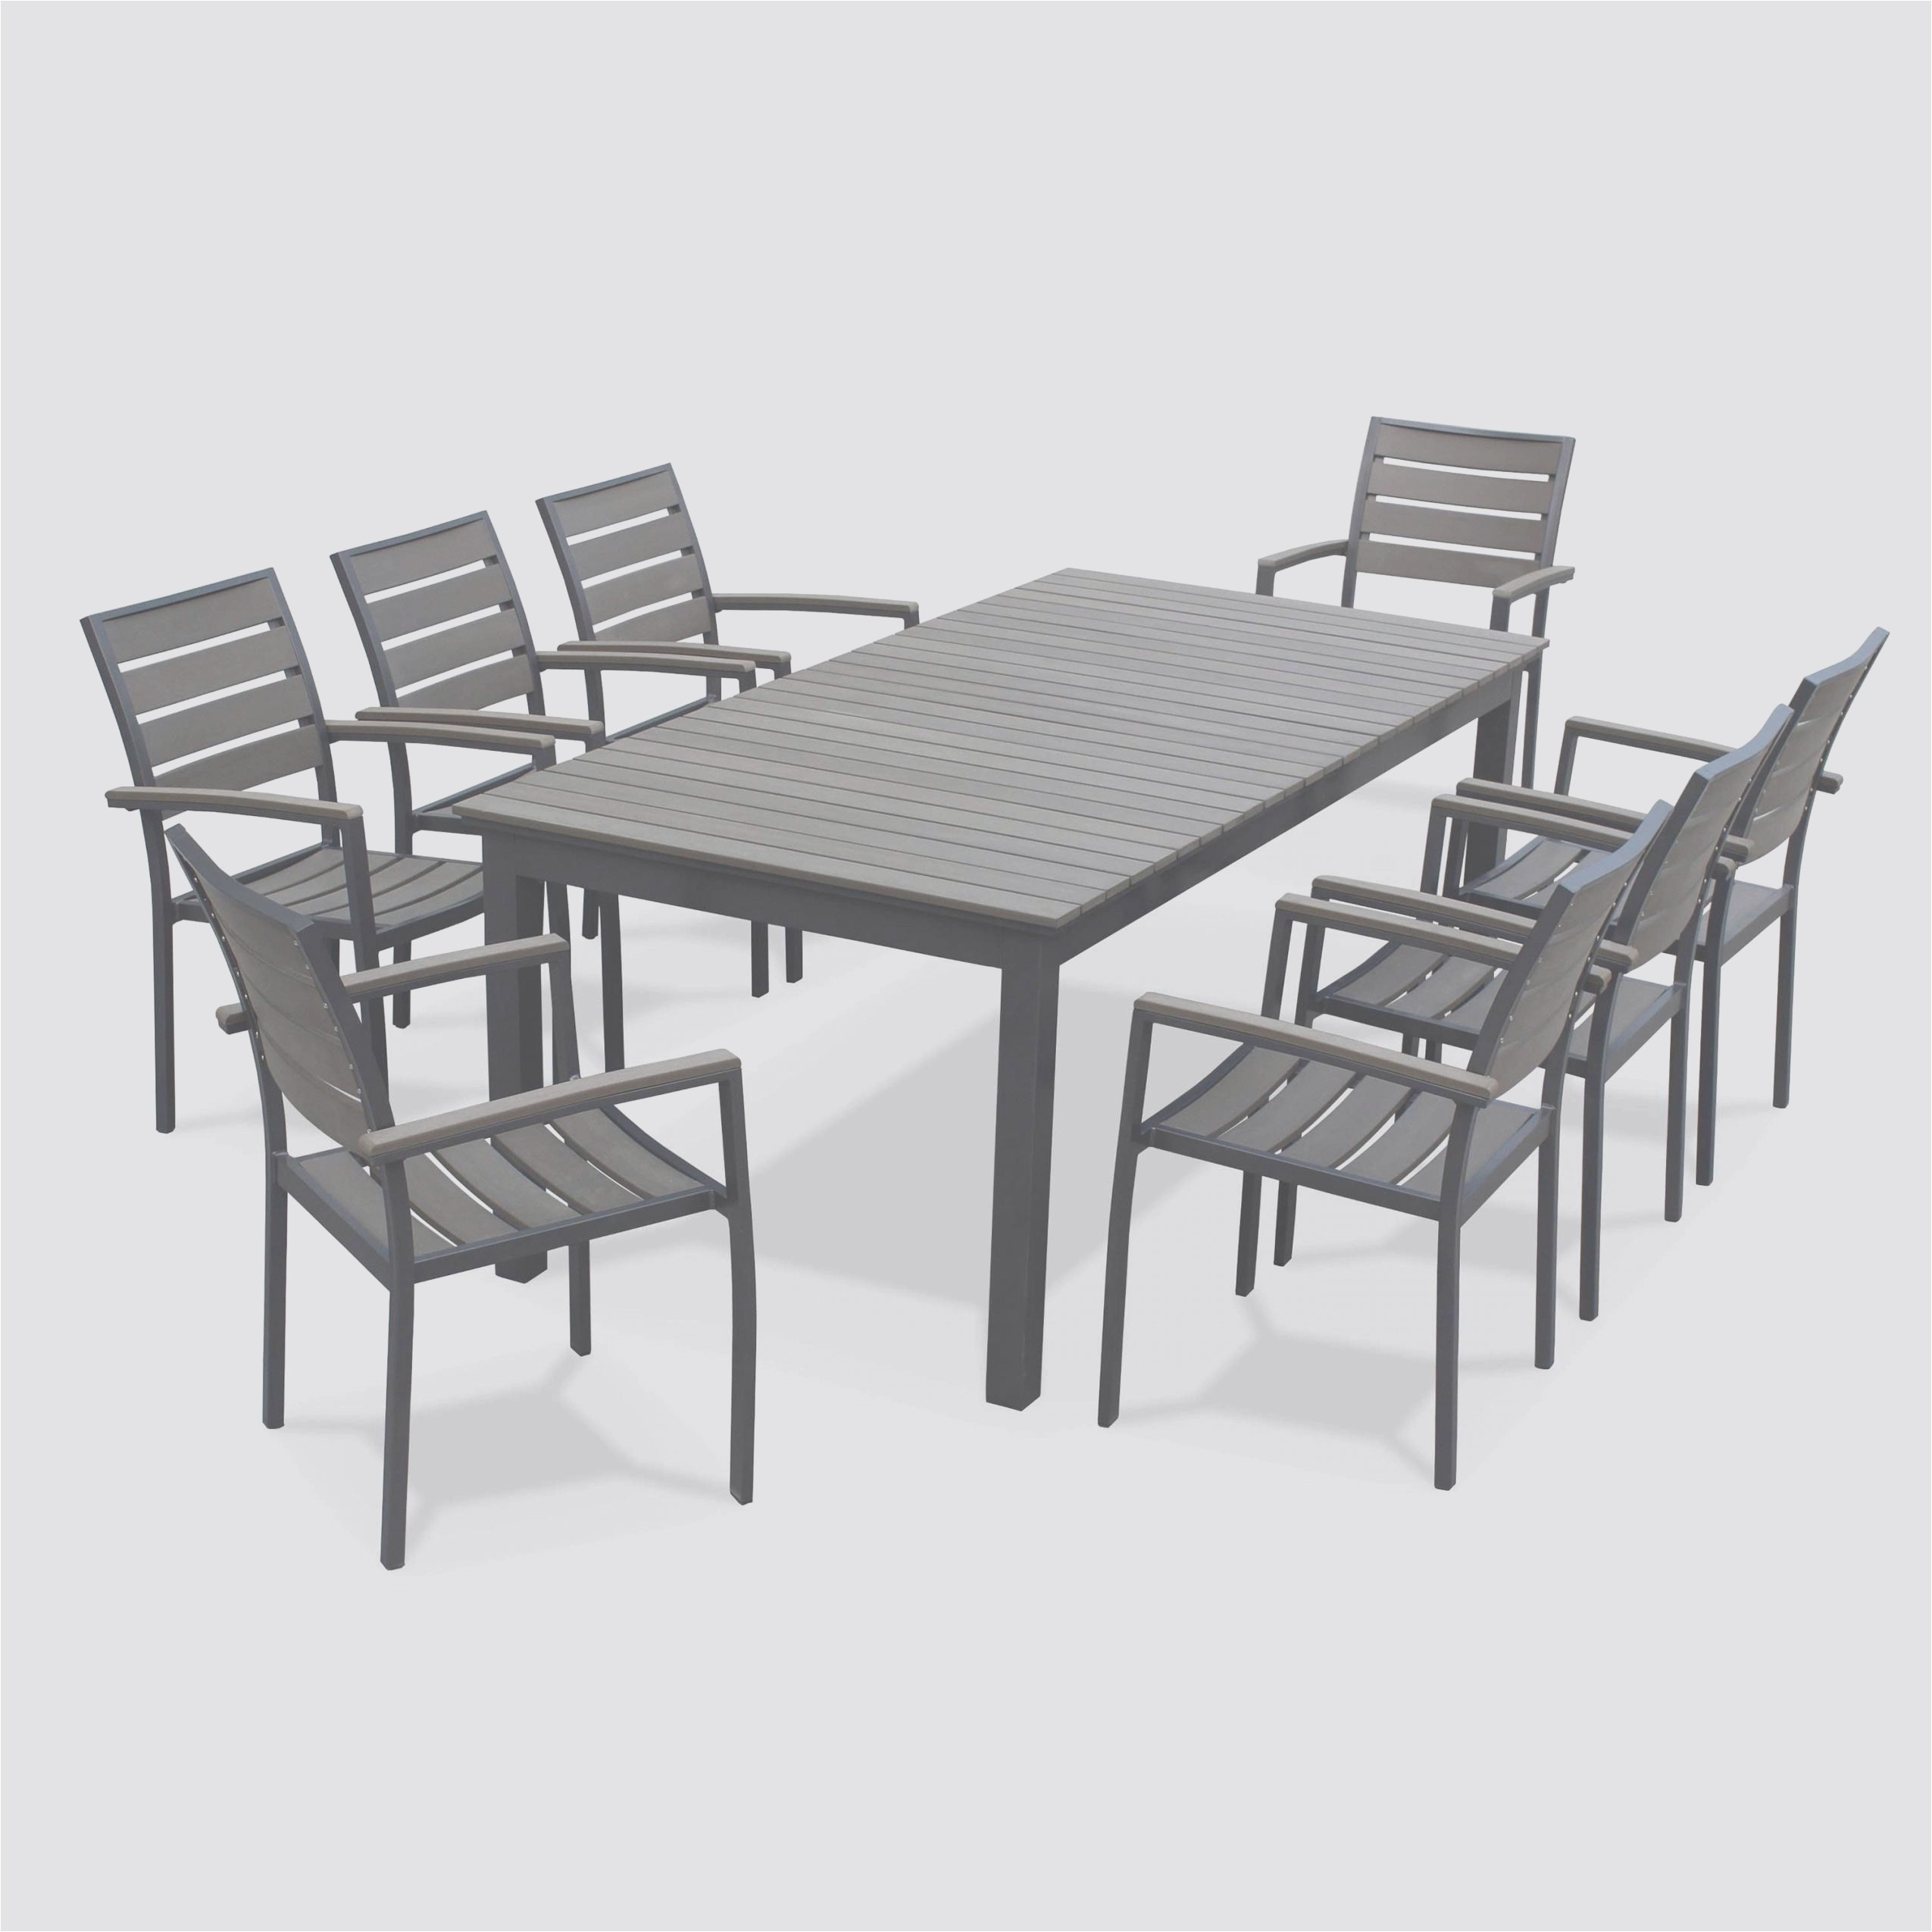 table de jardin et chaises table ronde et chaise unique table jardin chaises protege chaise 0d of table de jardin et chaises